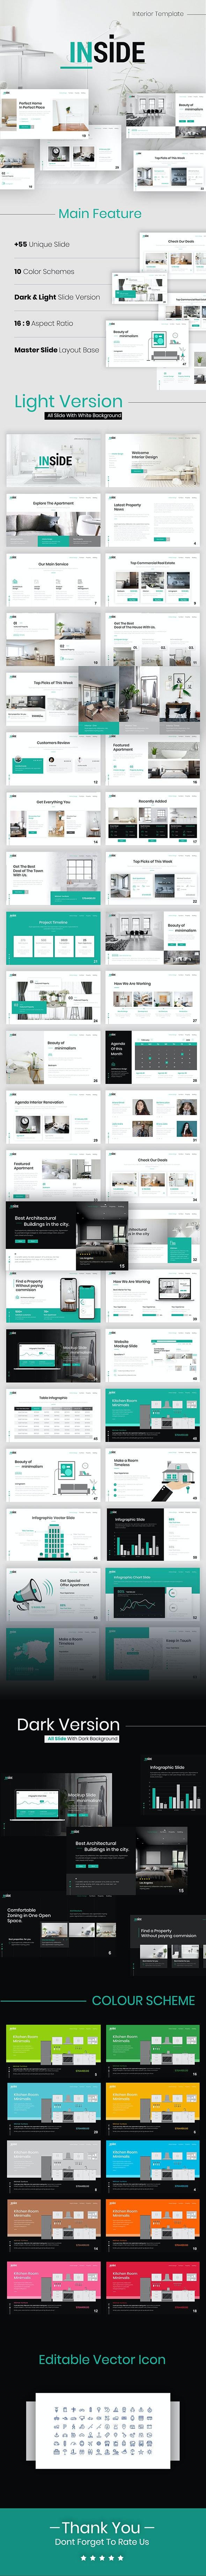 Inside Interior Presentation PowerPoint Template - PowerPoint Templates Presentation Templates